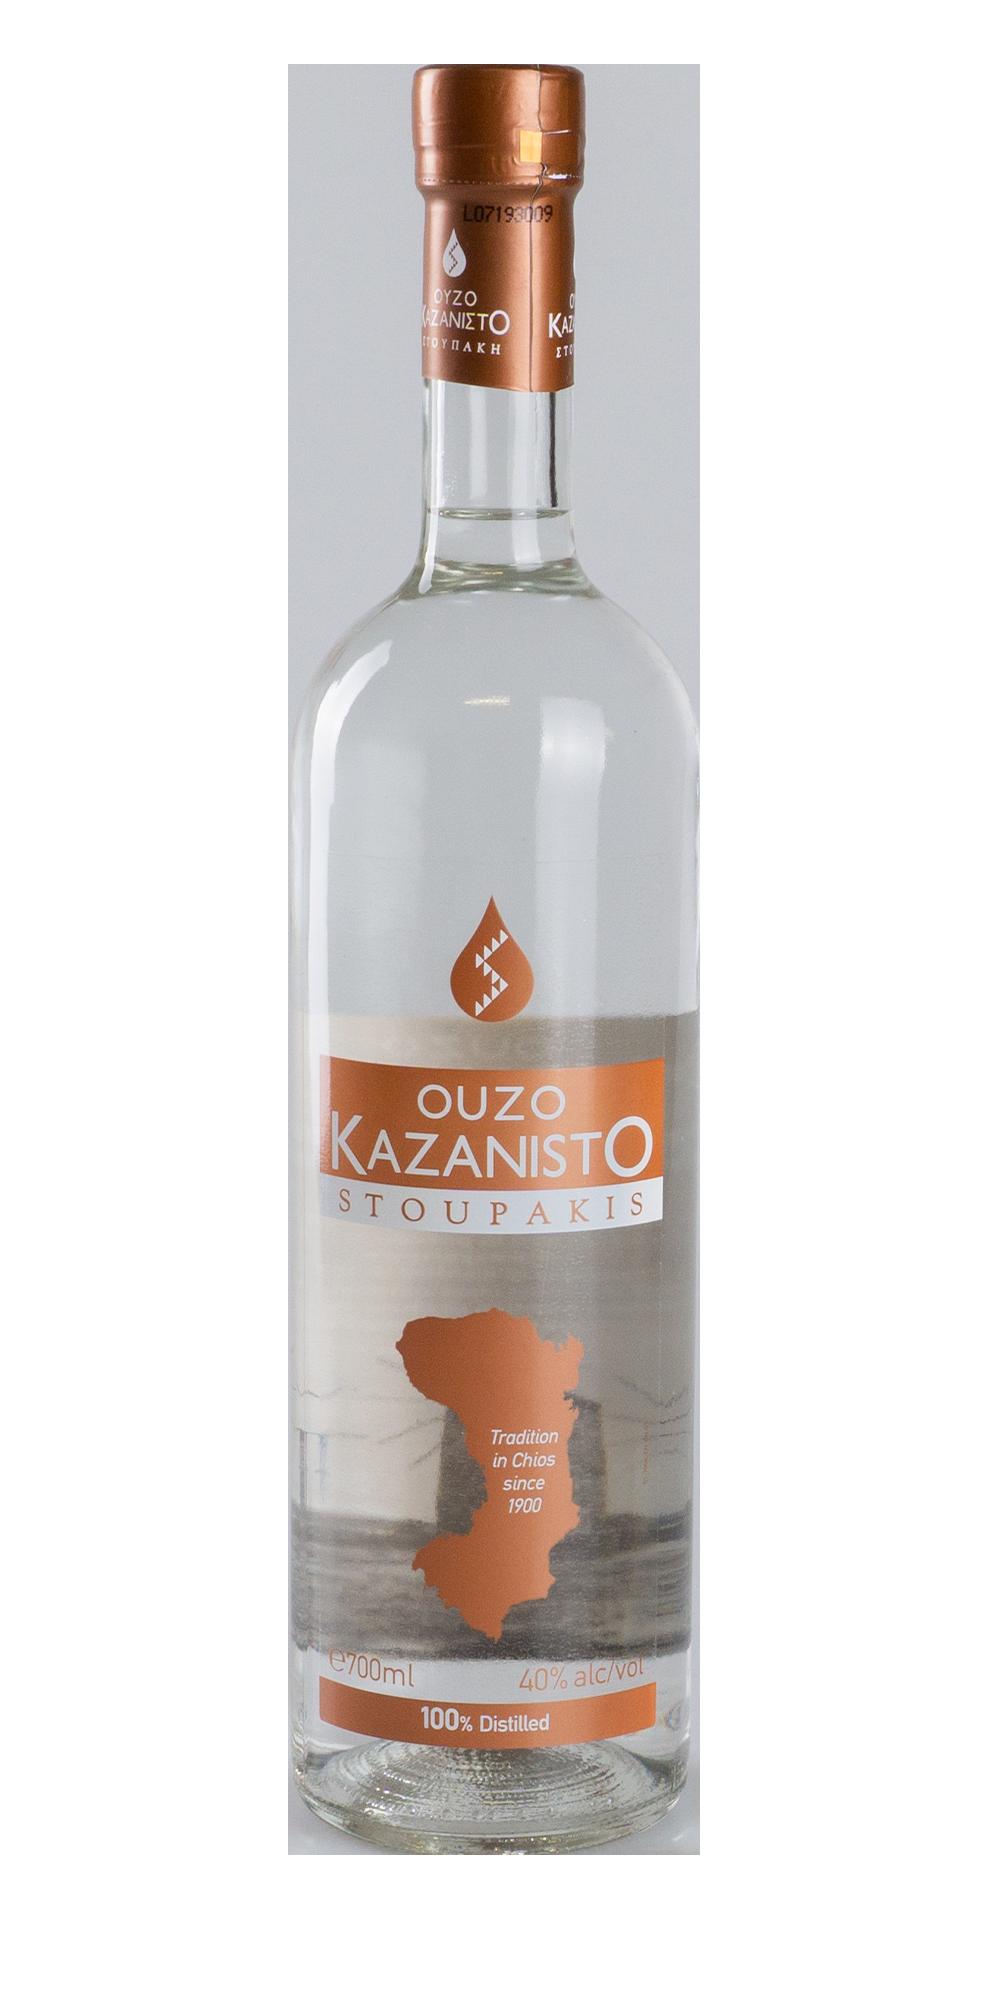 Ouzo Kazanisto 0,7 l  - Stoupakis